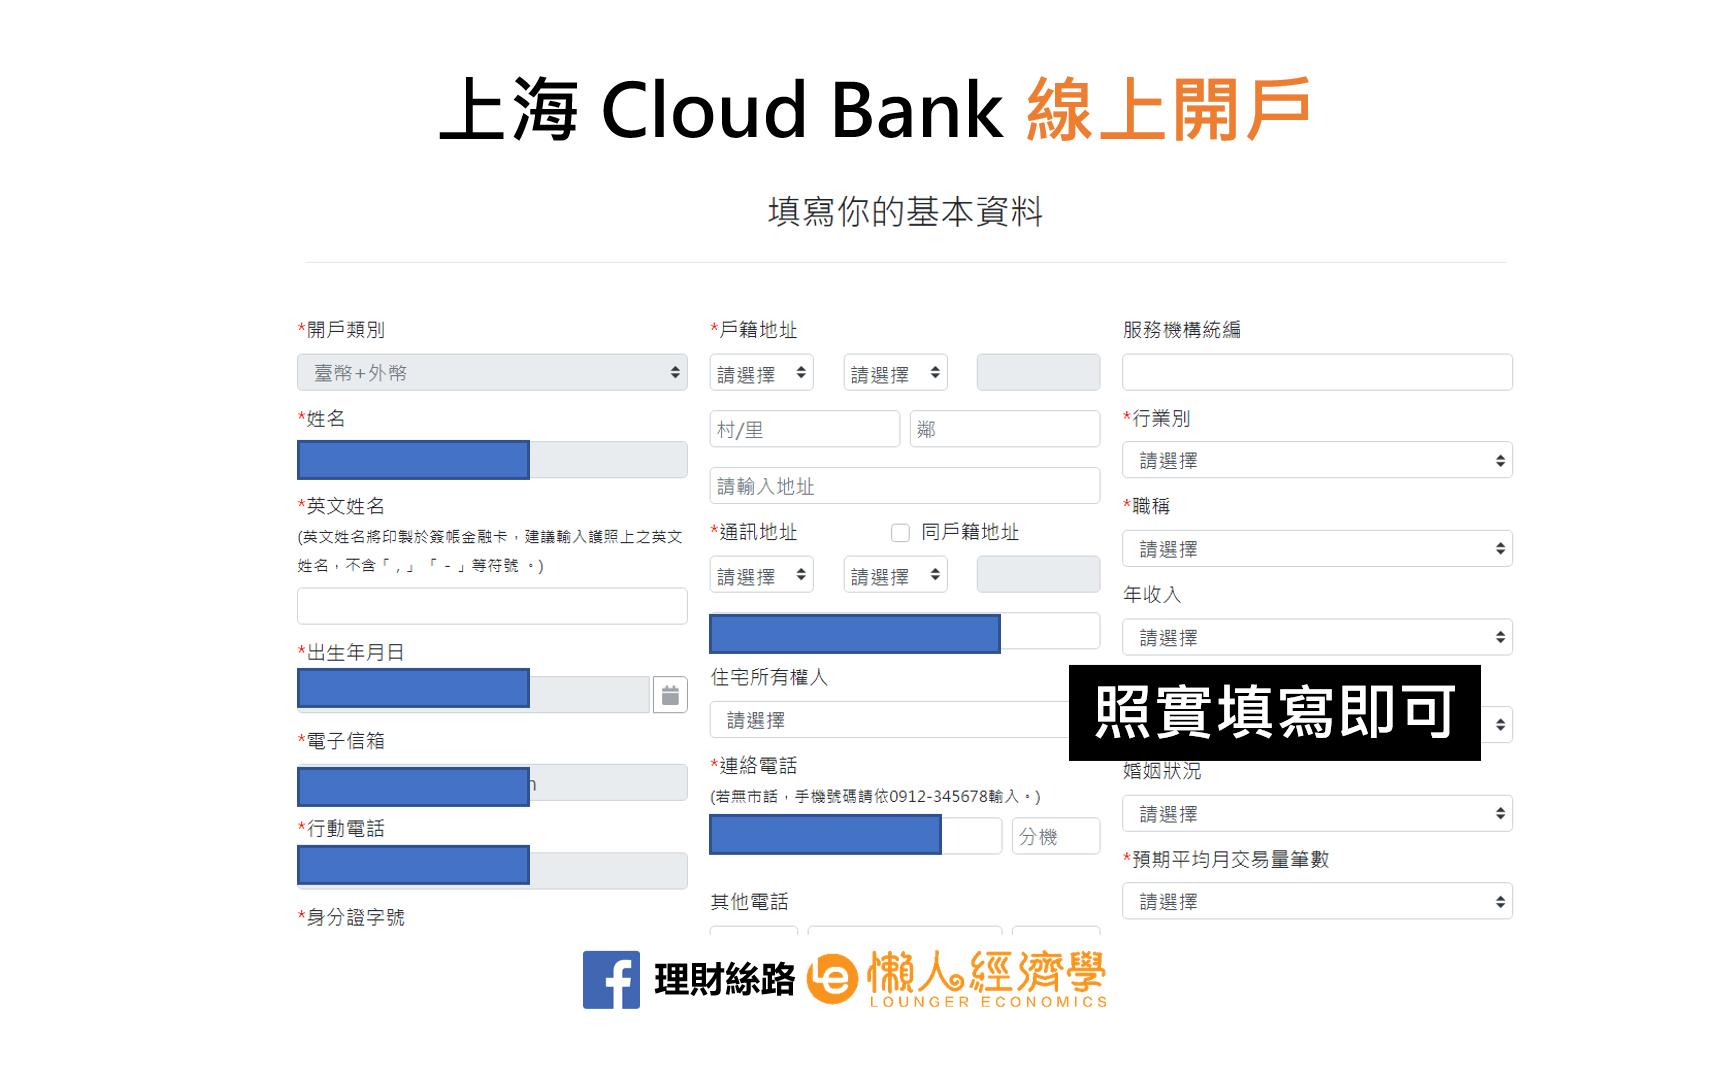 上海Cloud Bank填寫基本資料